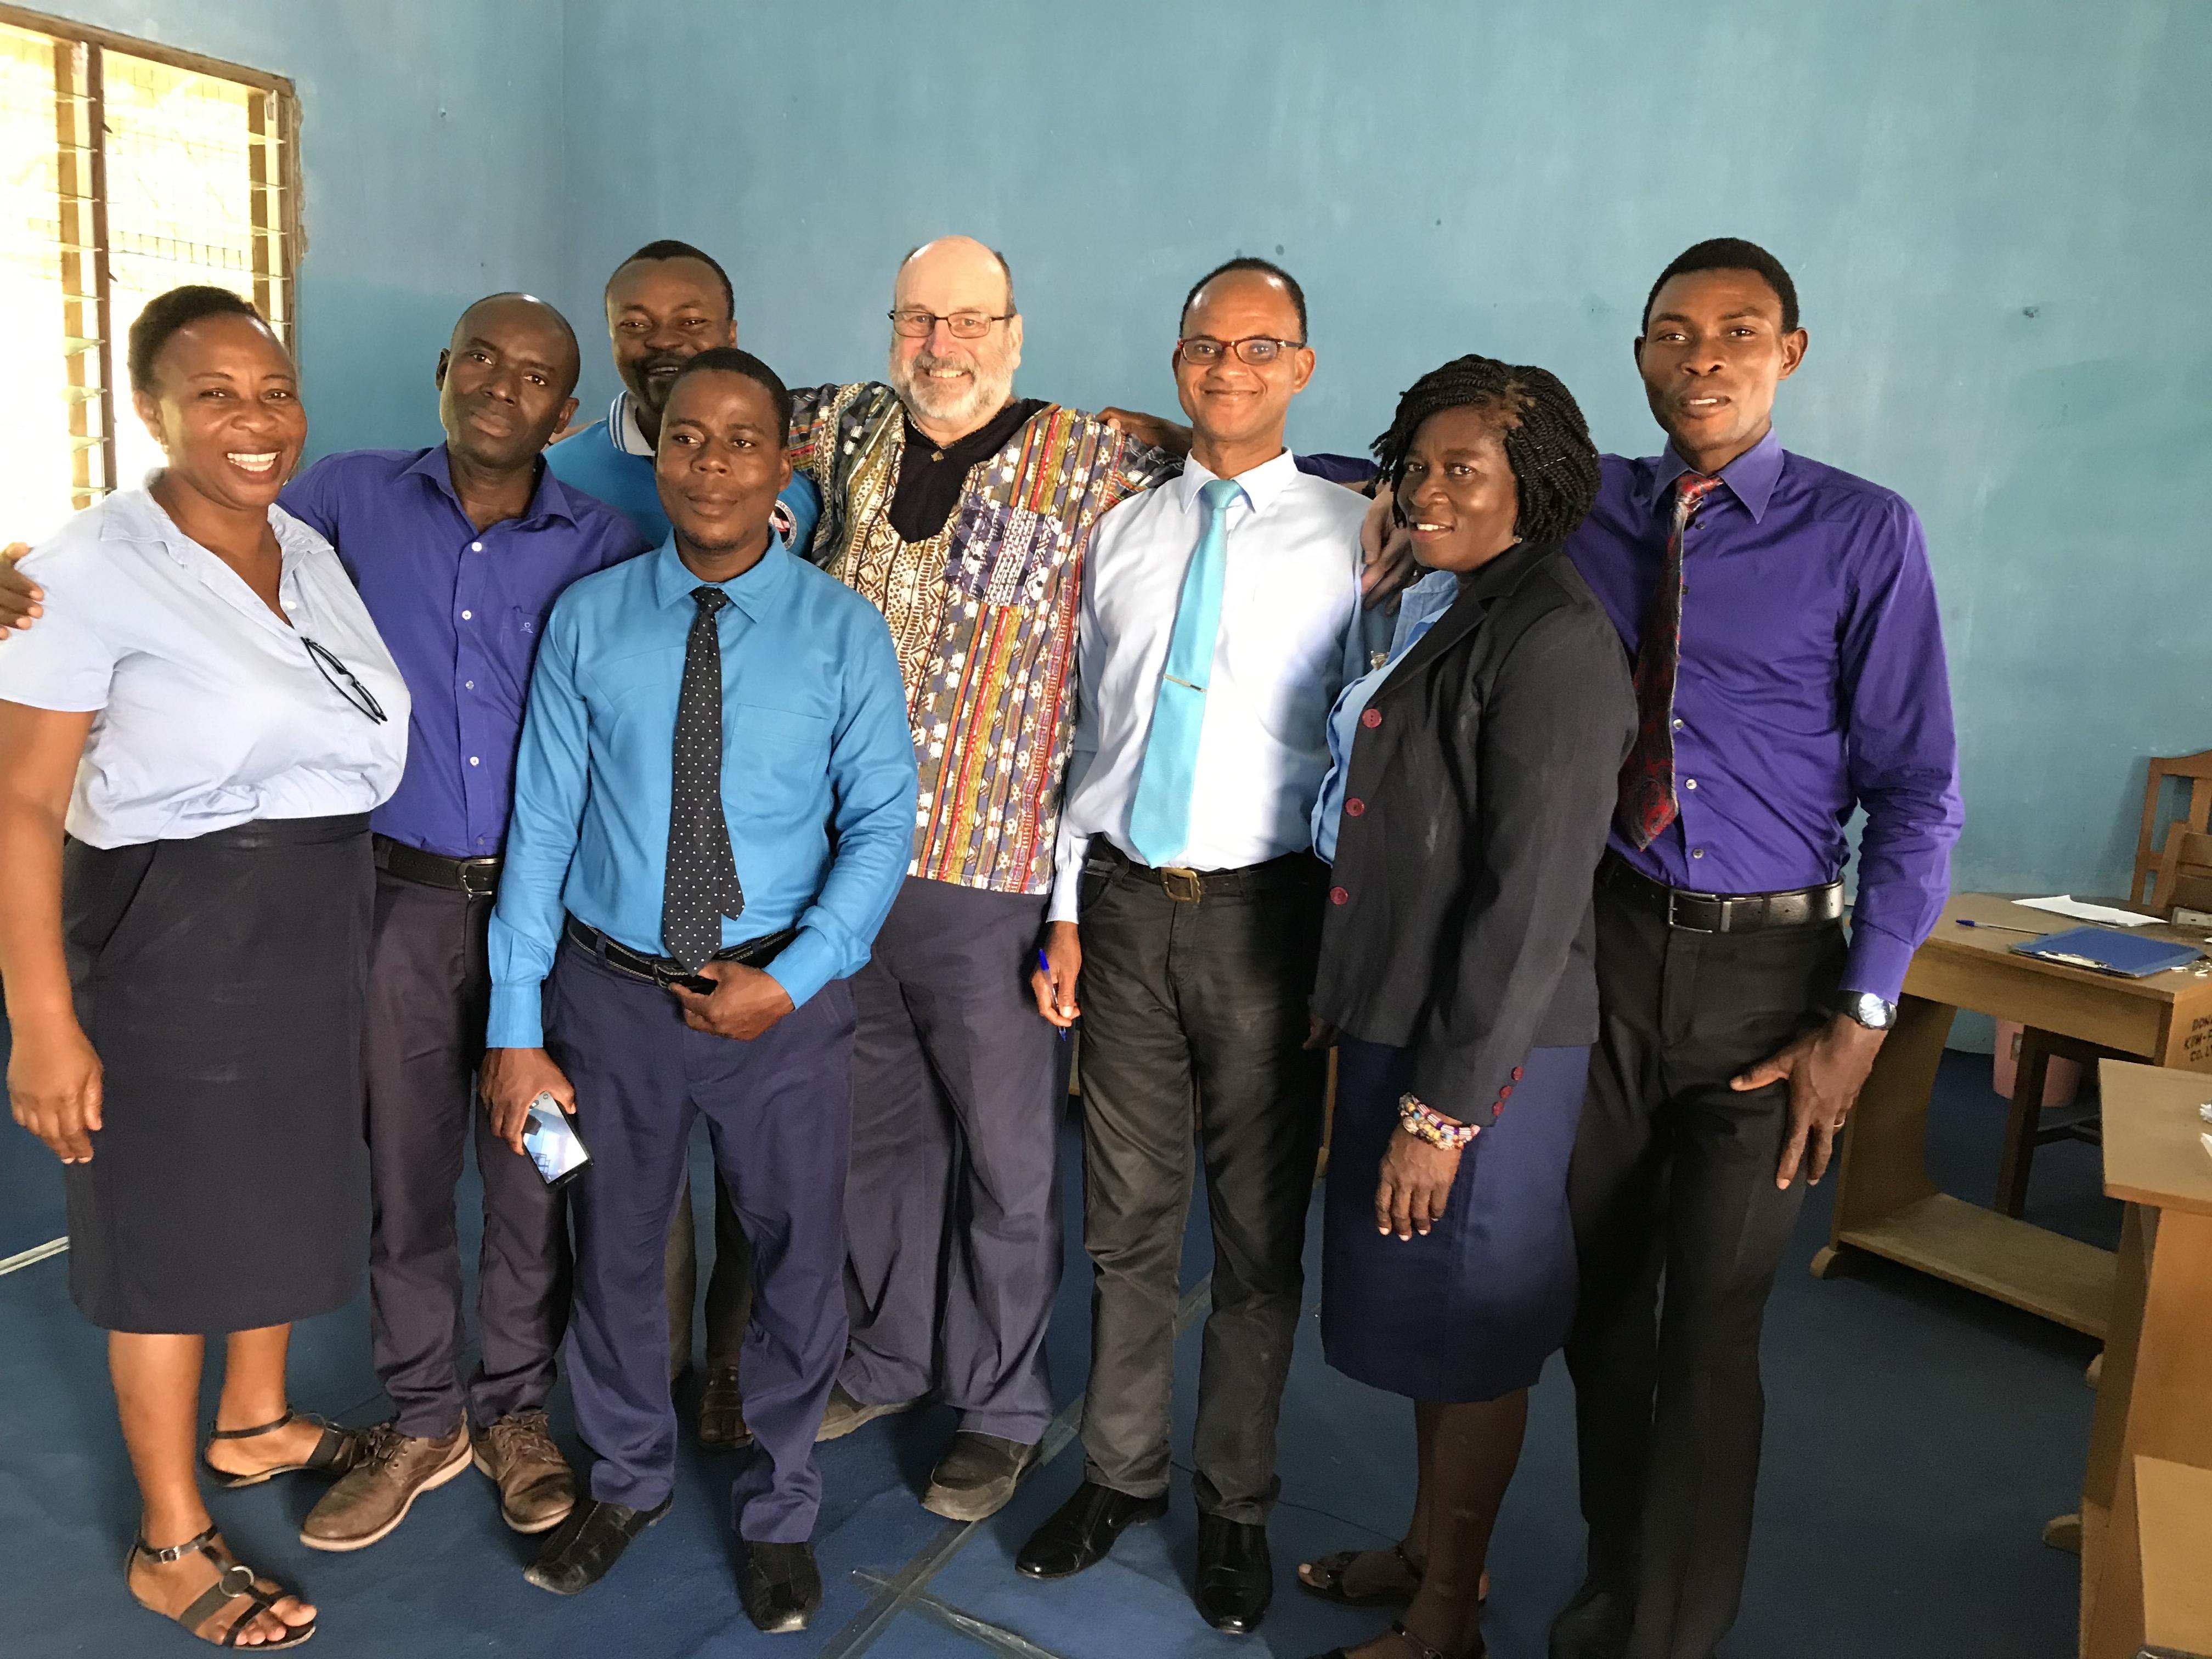 Ghana_Debbie_Colvin_IMG_9185.jpg